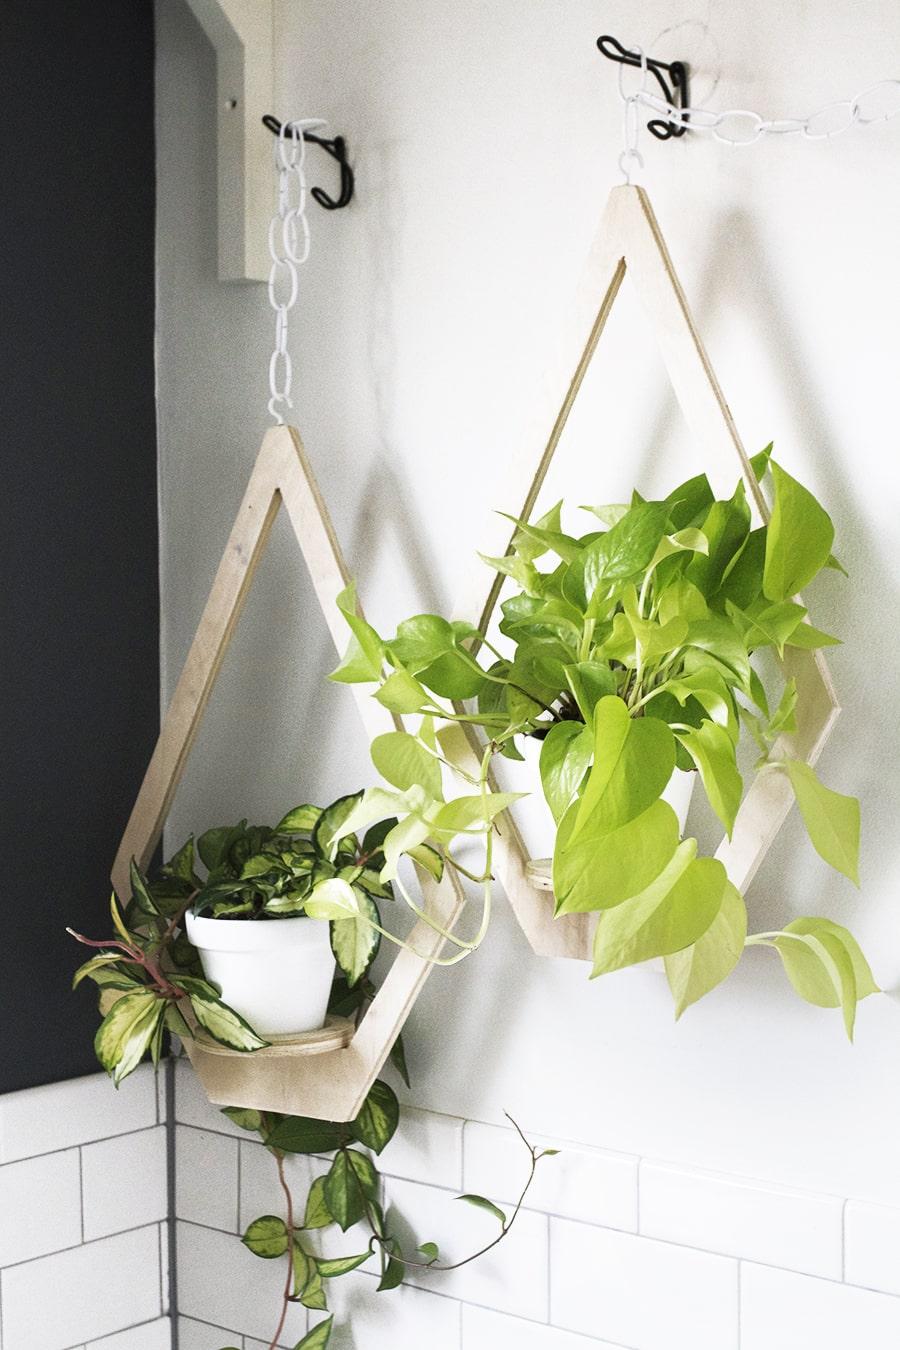 DIY Plywood Hanging Planter